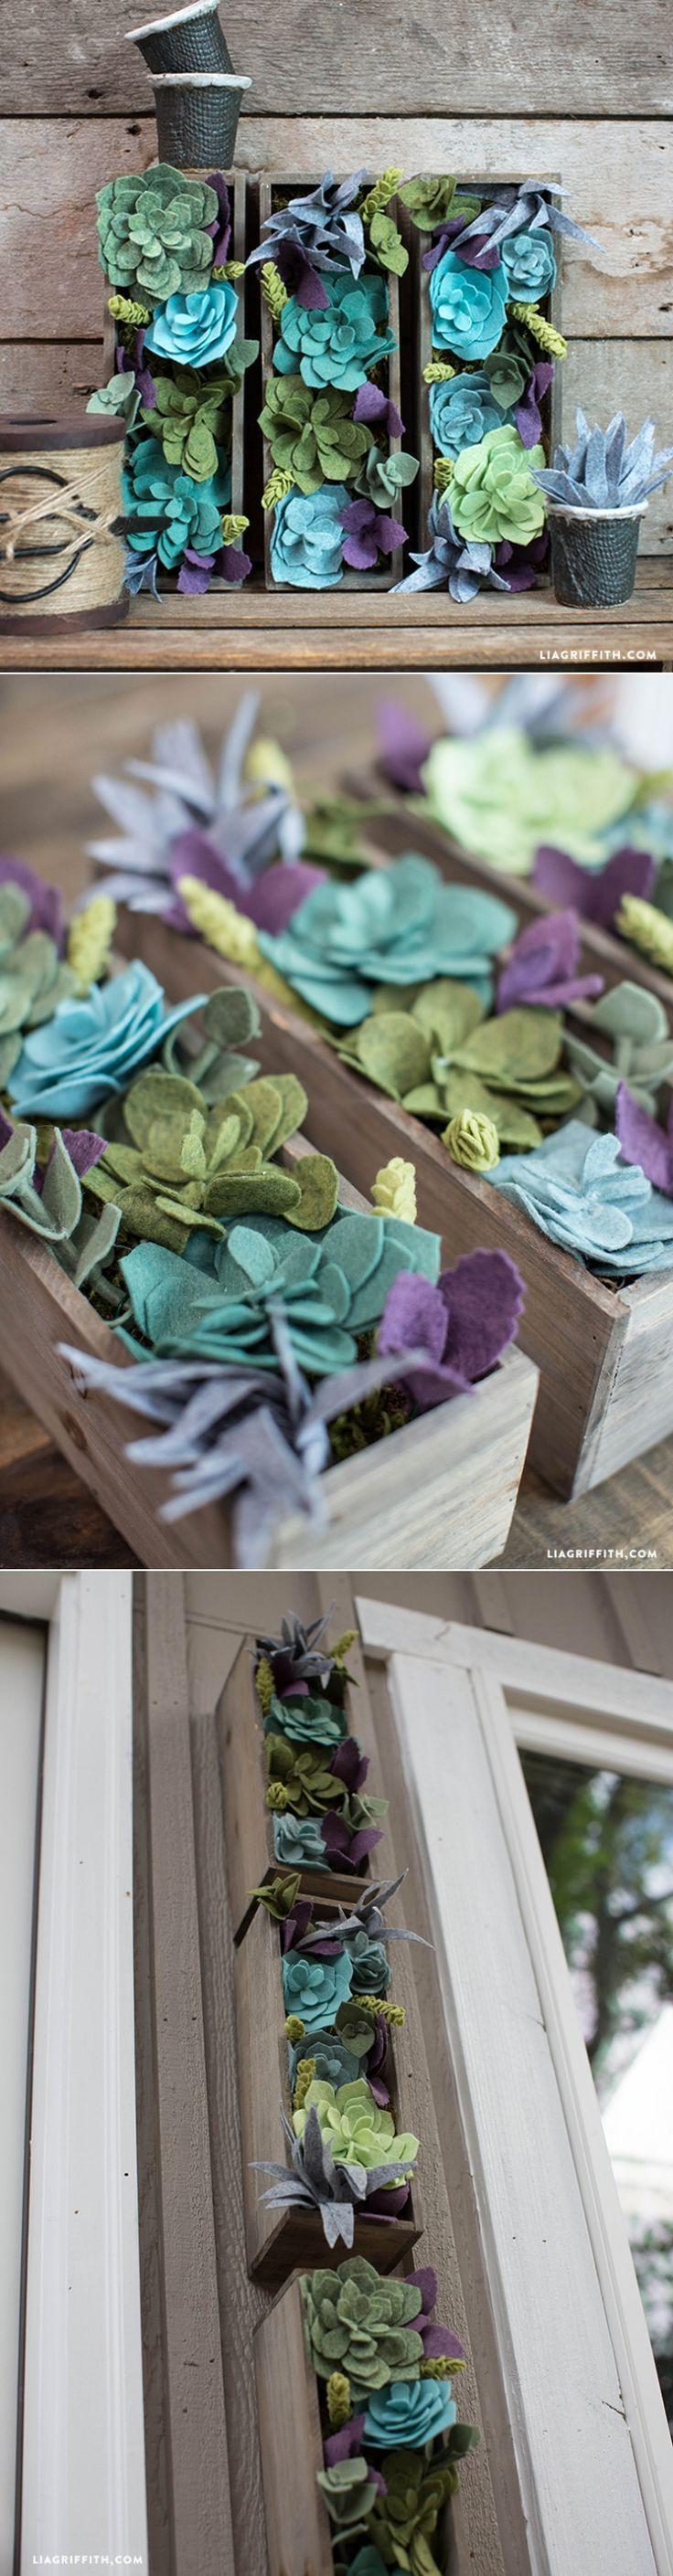 Adorable felt succulents  www.LiaGriffith.com